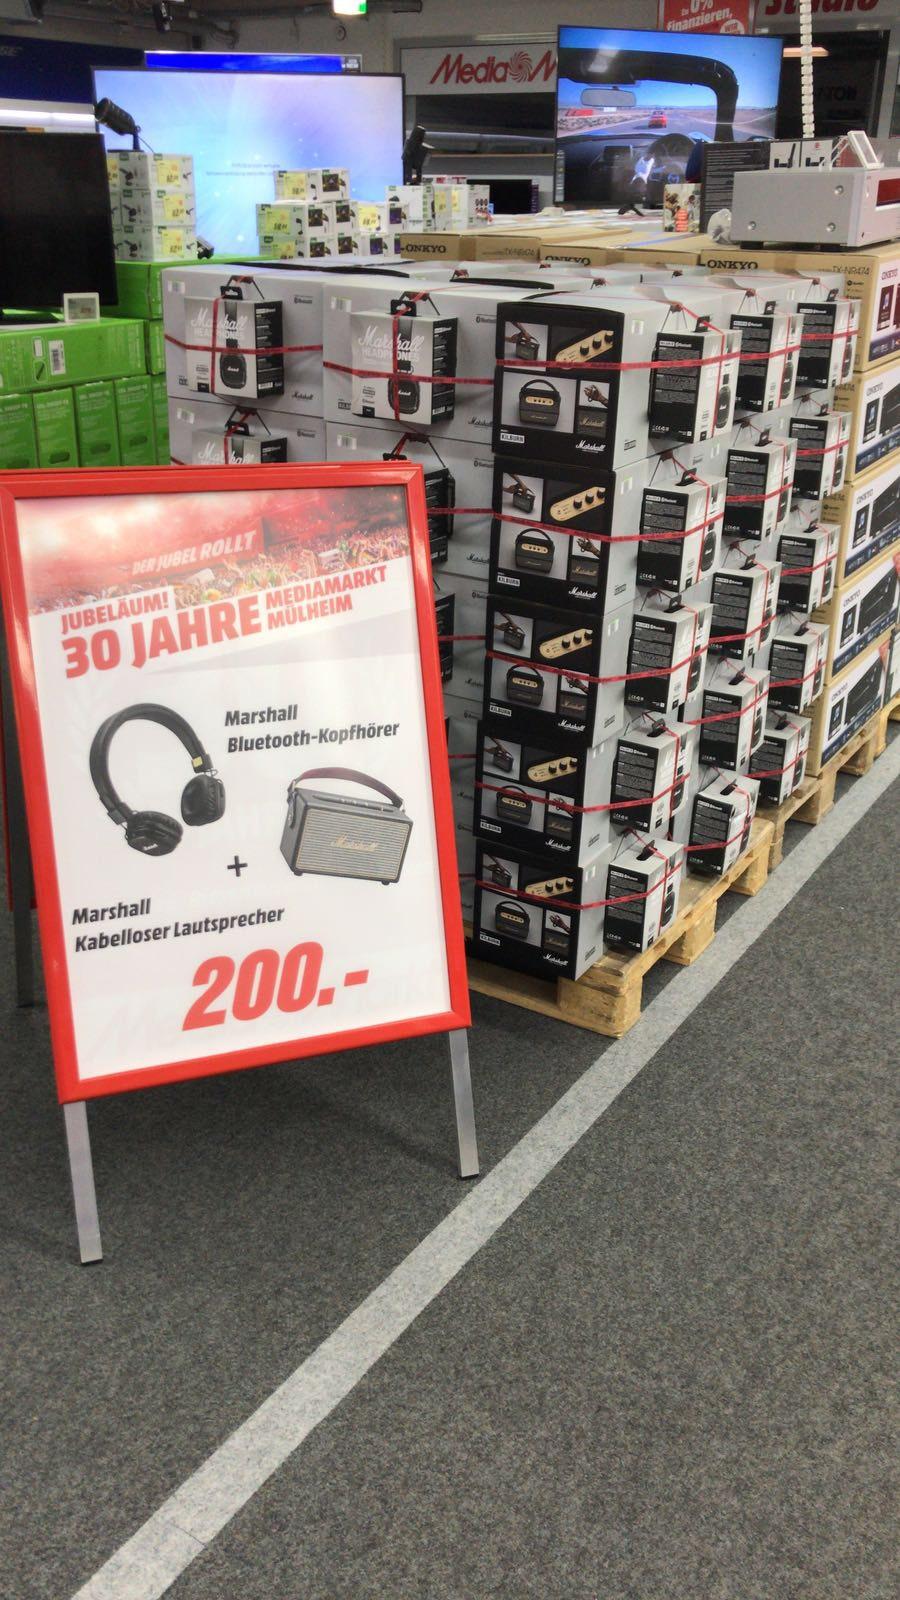 Marshall Kilburn Lautsprecher + Major 2 Bluetooth Kopfhörer Media Markt Mülheim